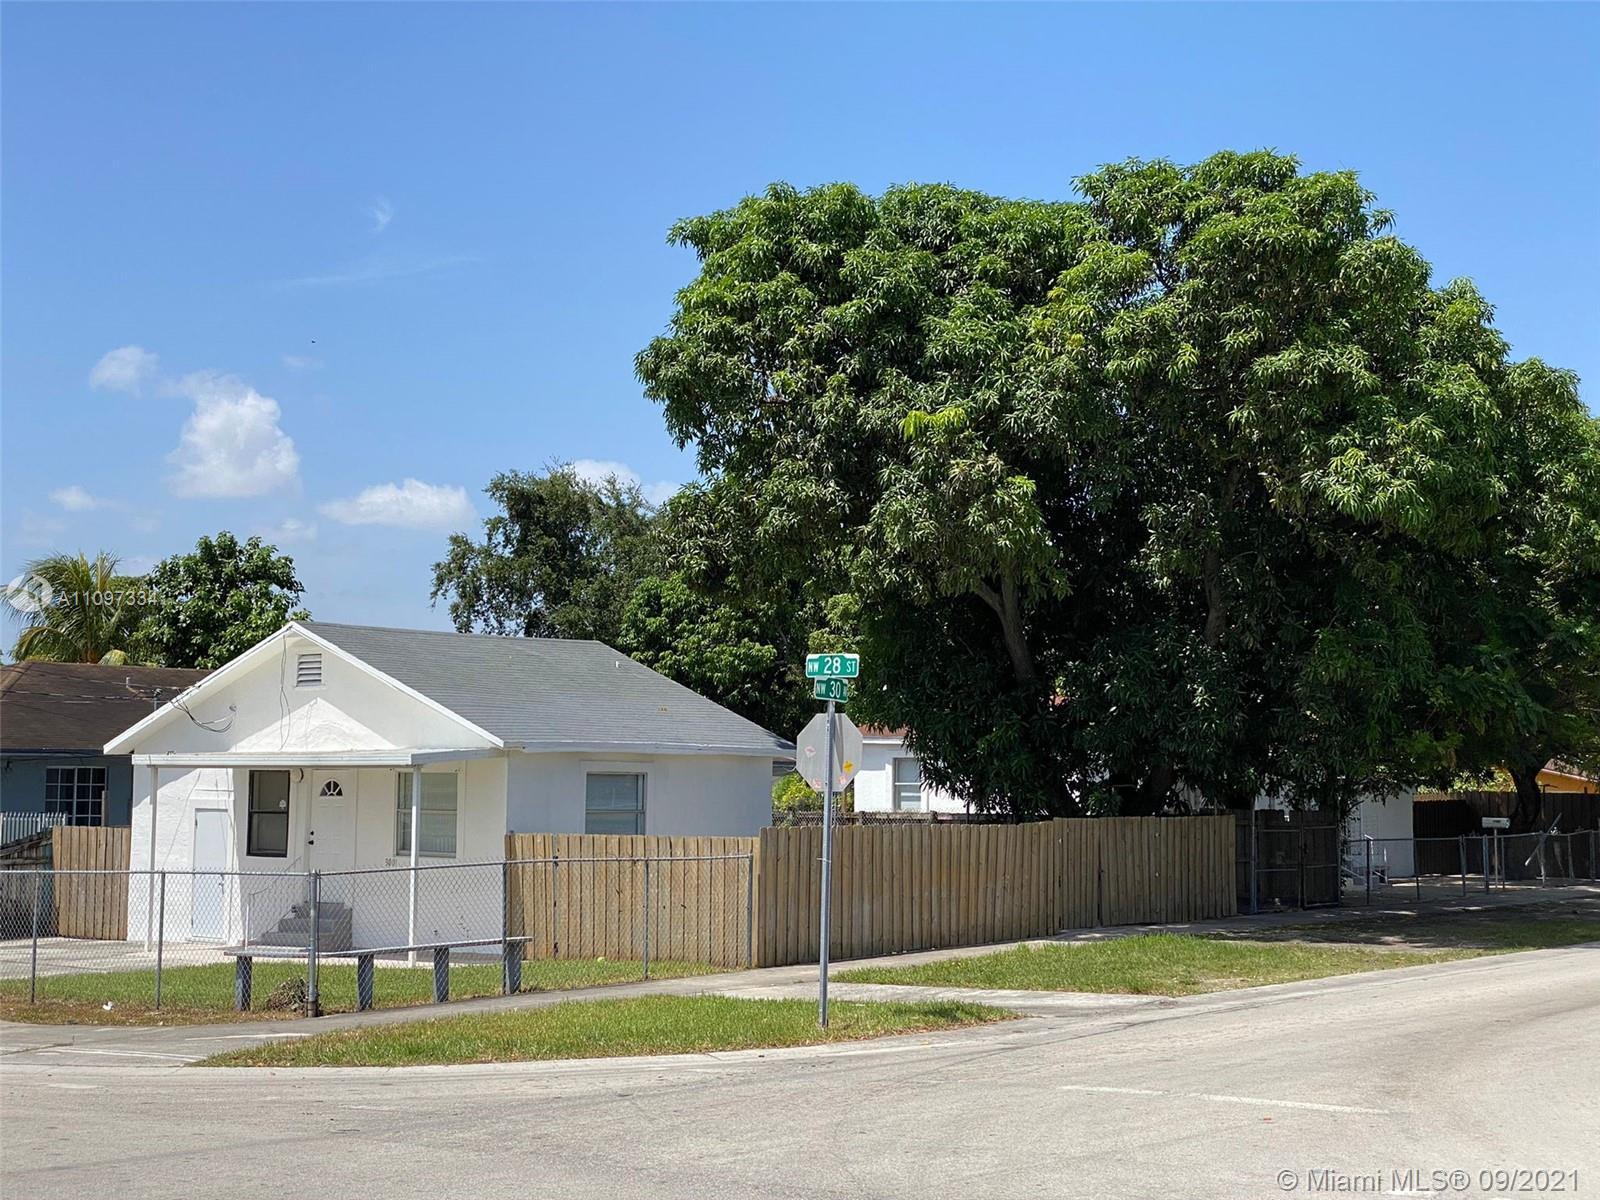 2800 30th Ave, Miami, Florida 33142